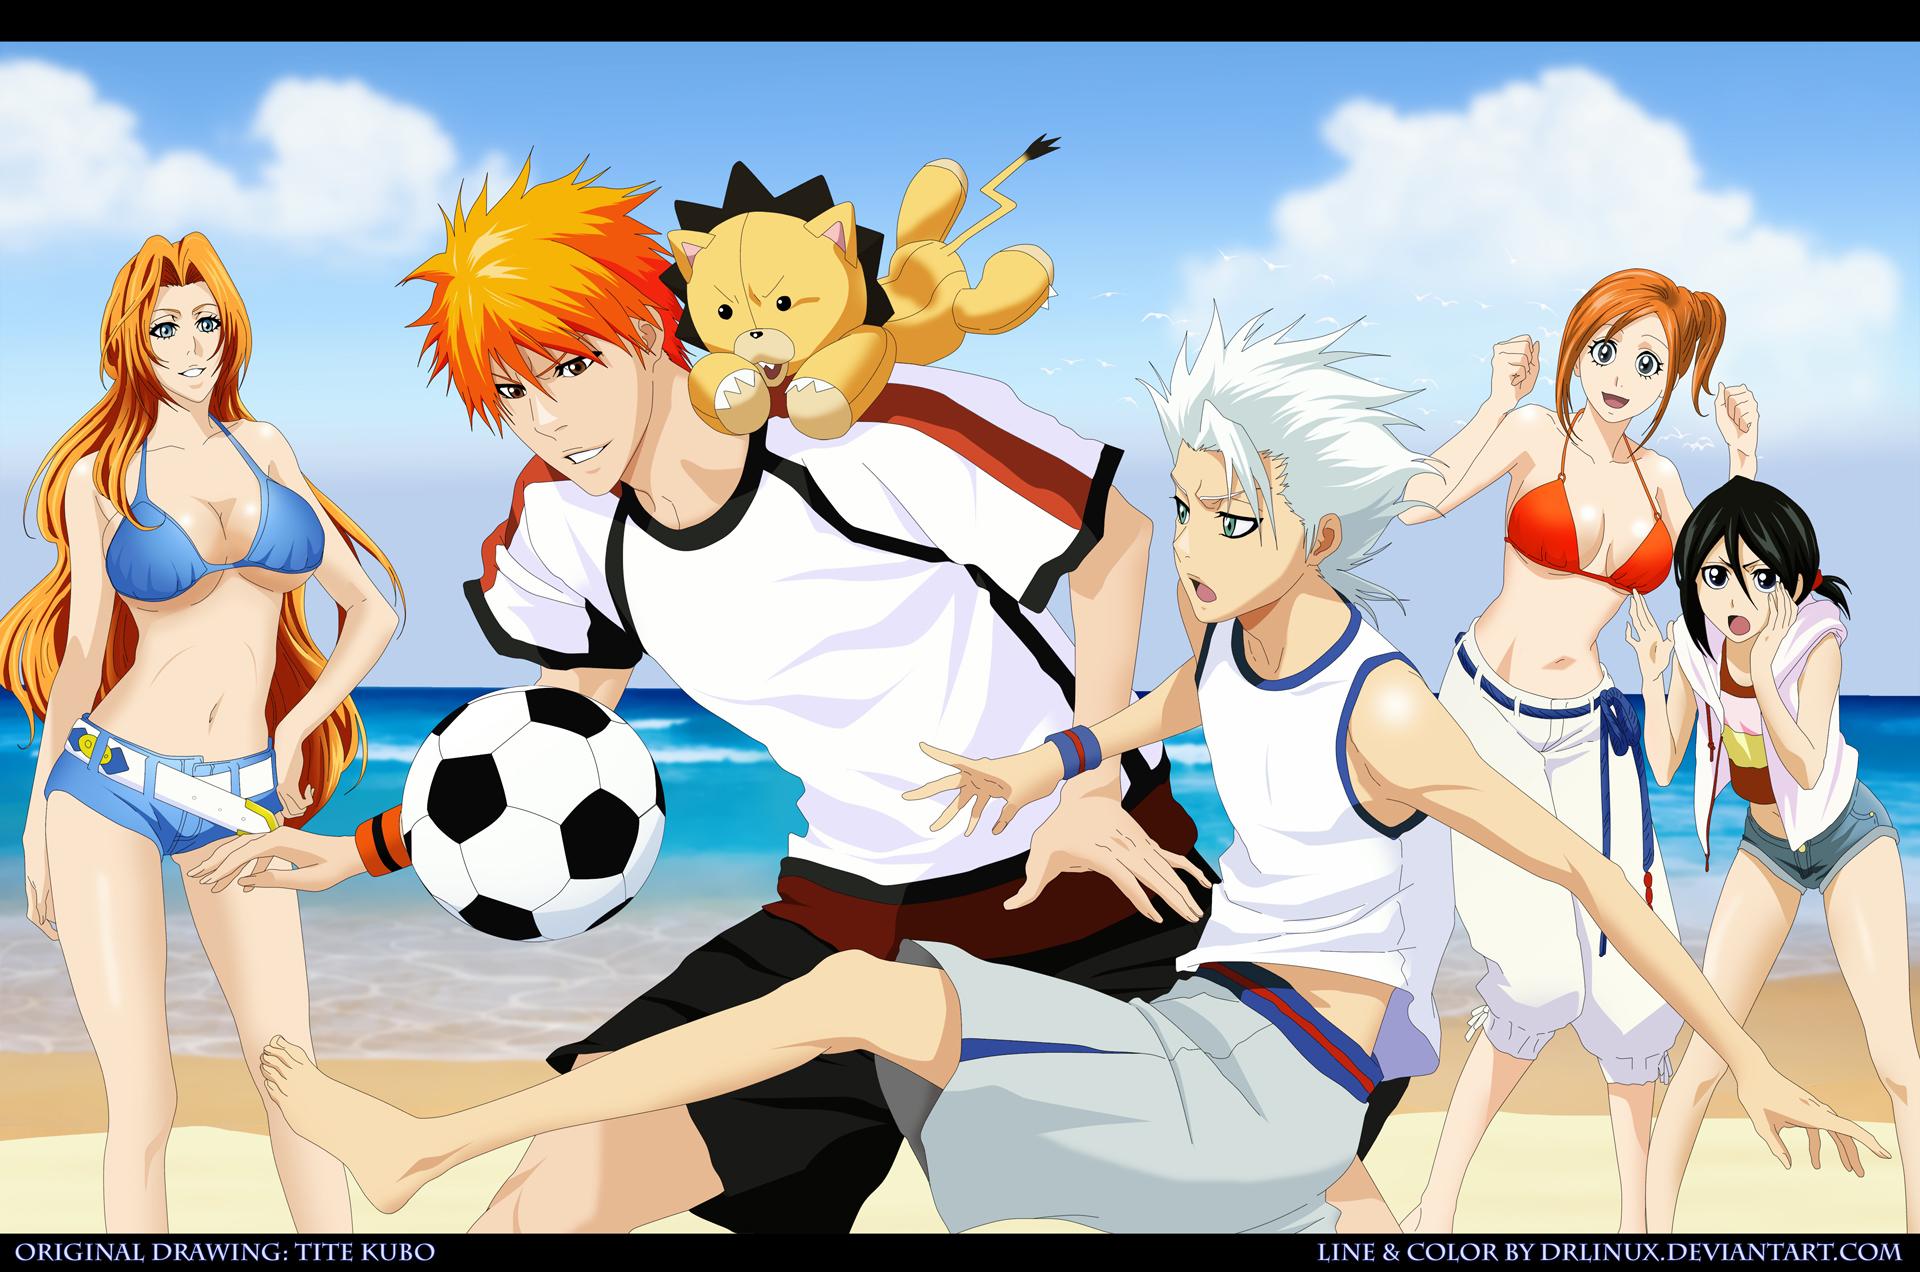 Ichigo New Bankai Chibi Football on the Beach ...